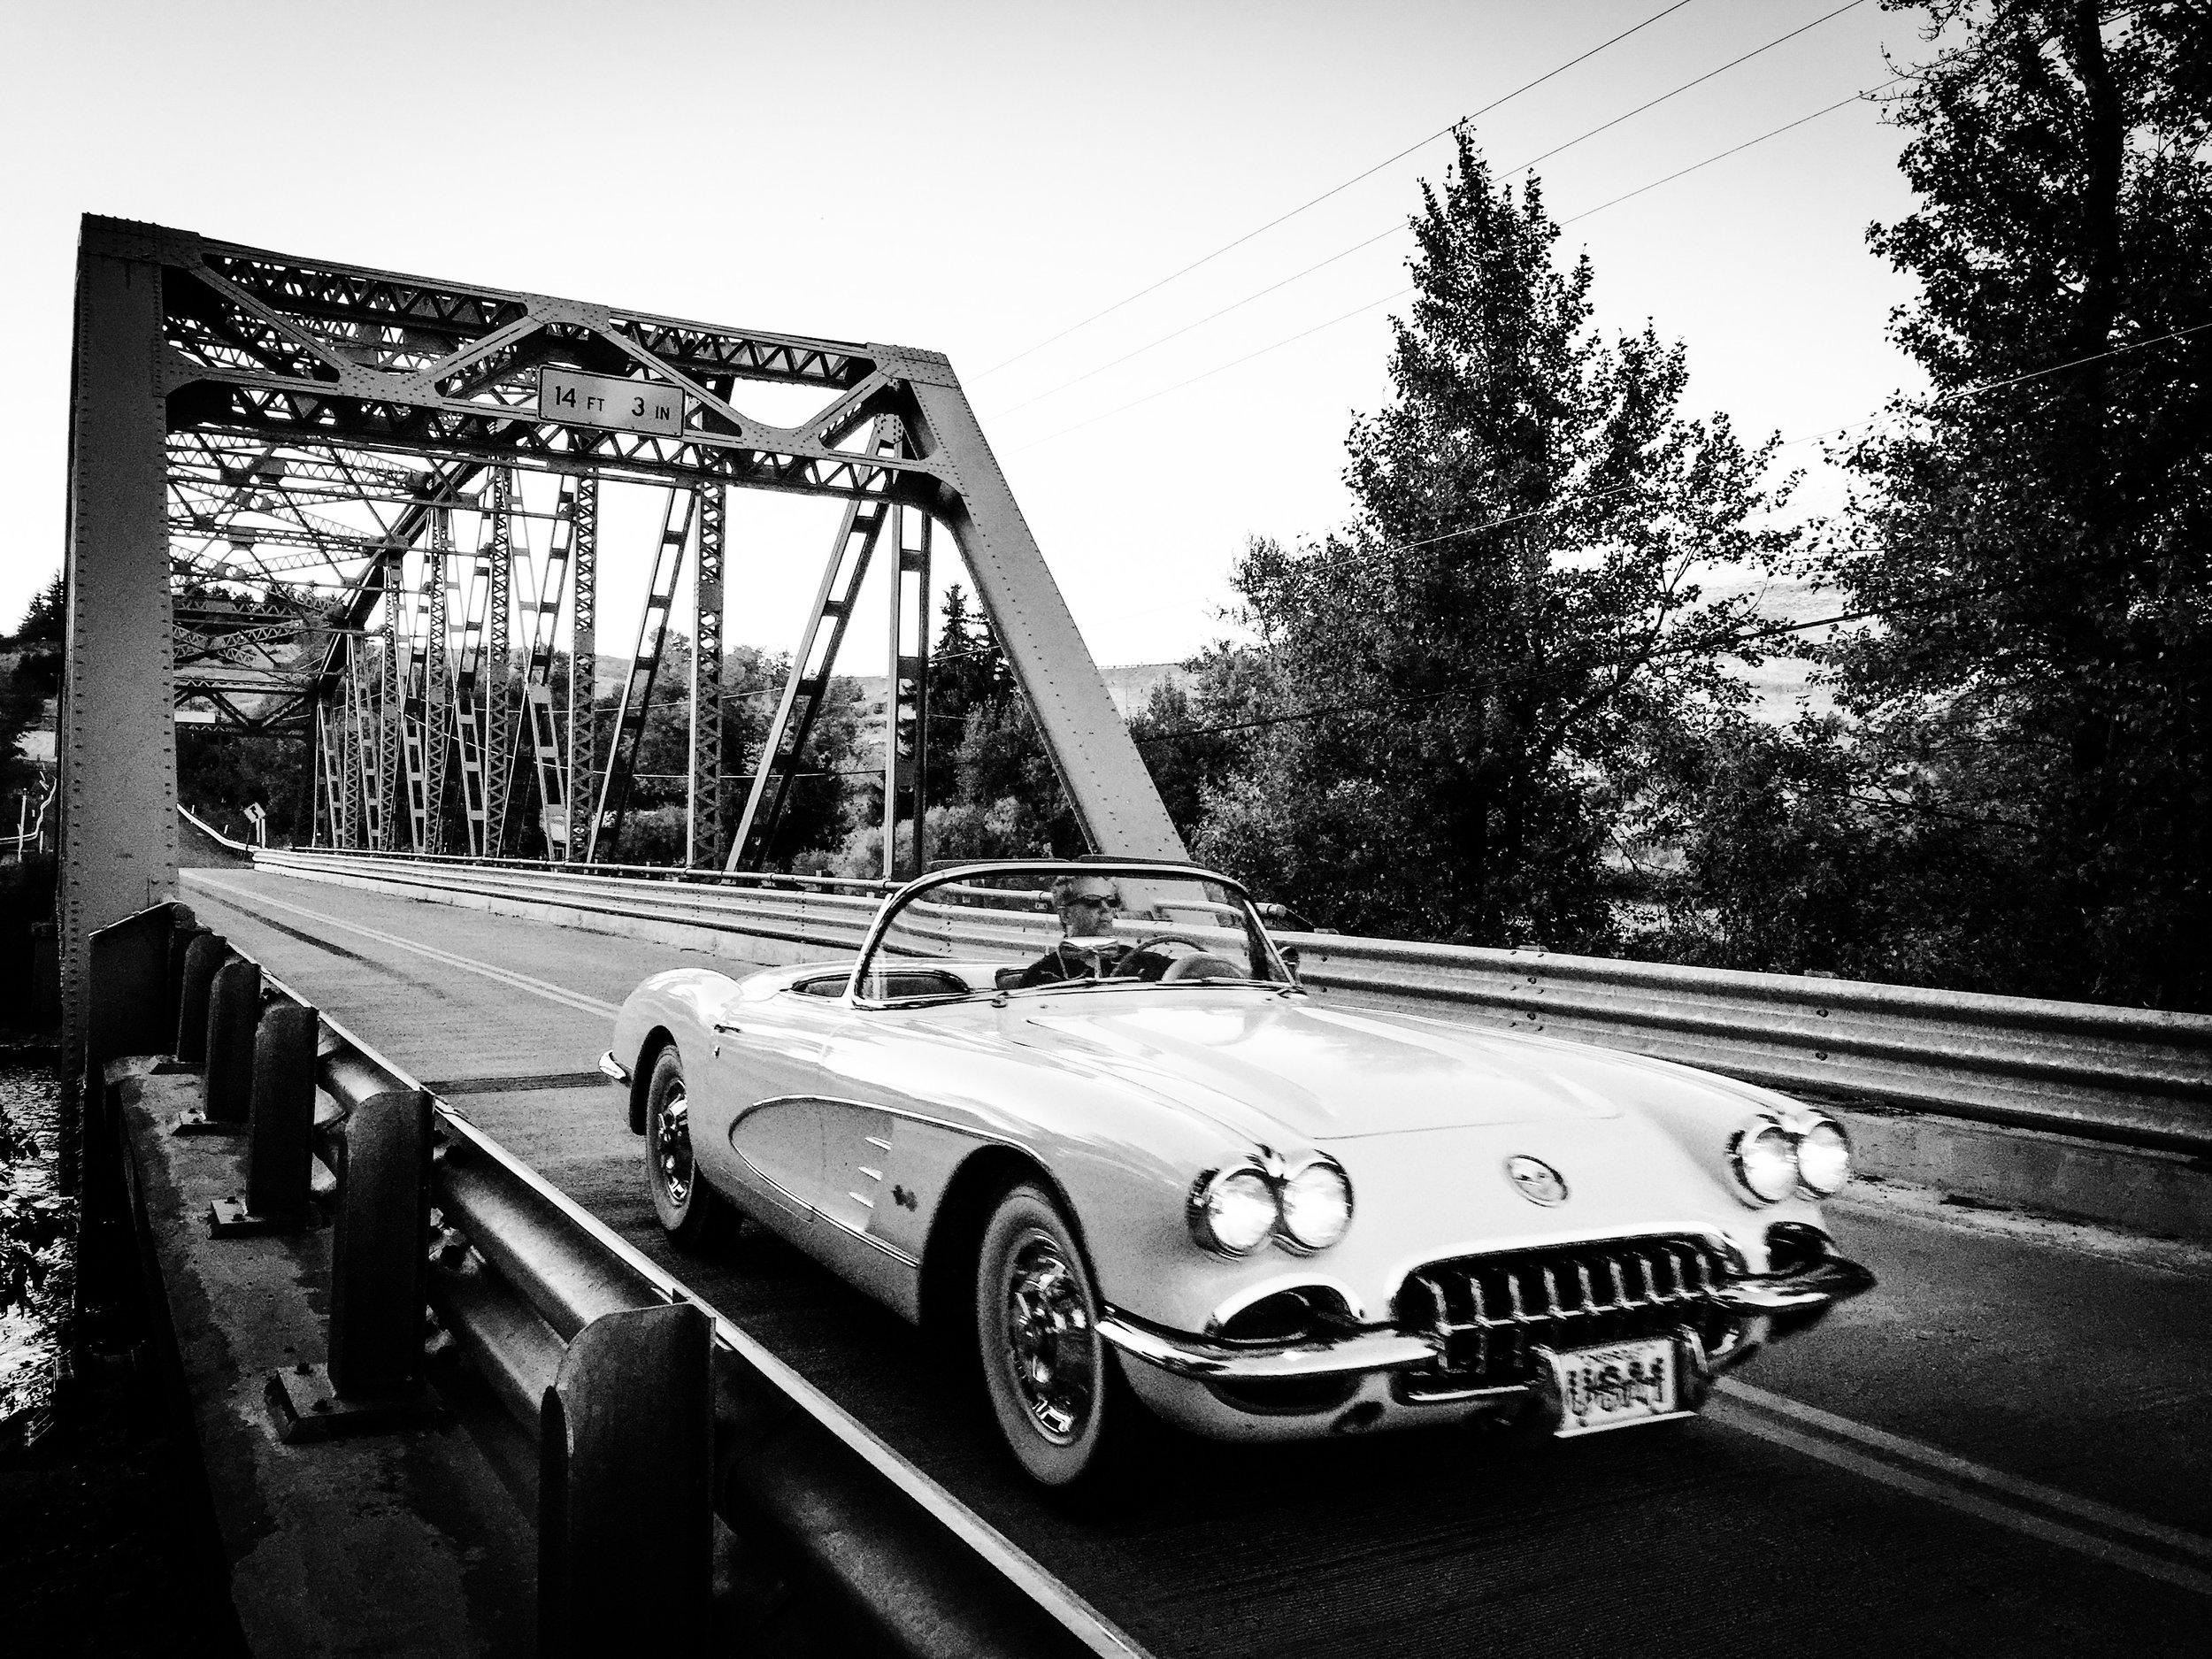 Mark Driving Corvette Across bridge.JPG